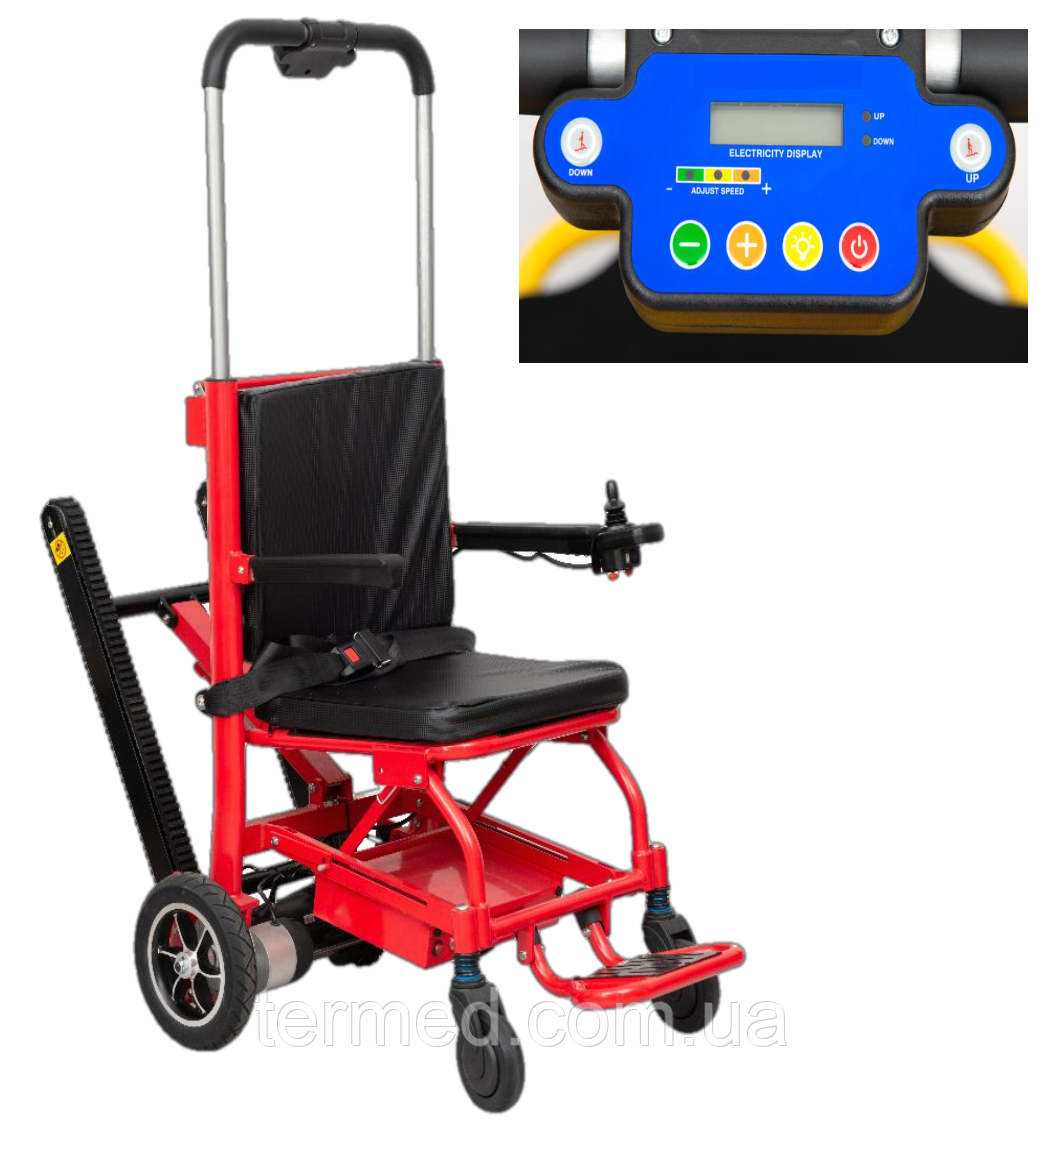 Сходовий електро підйомник-коляска для інвалідів MIRID SW02. Функція електровізка.